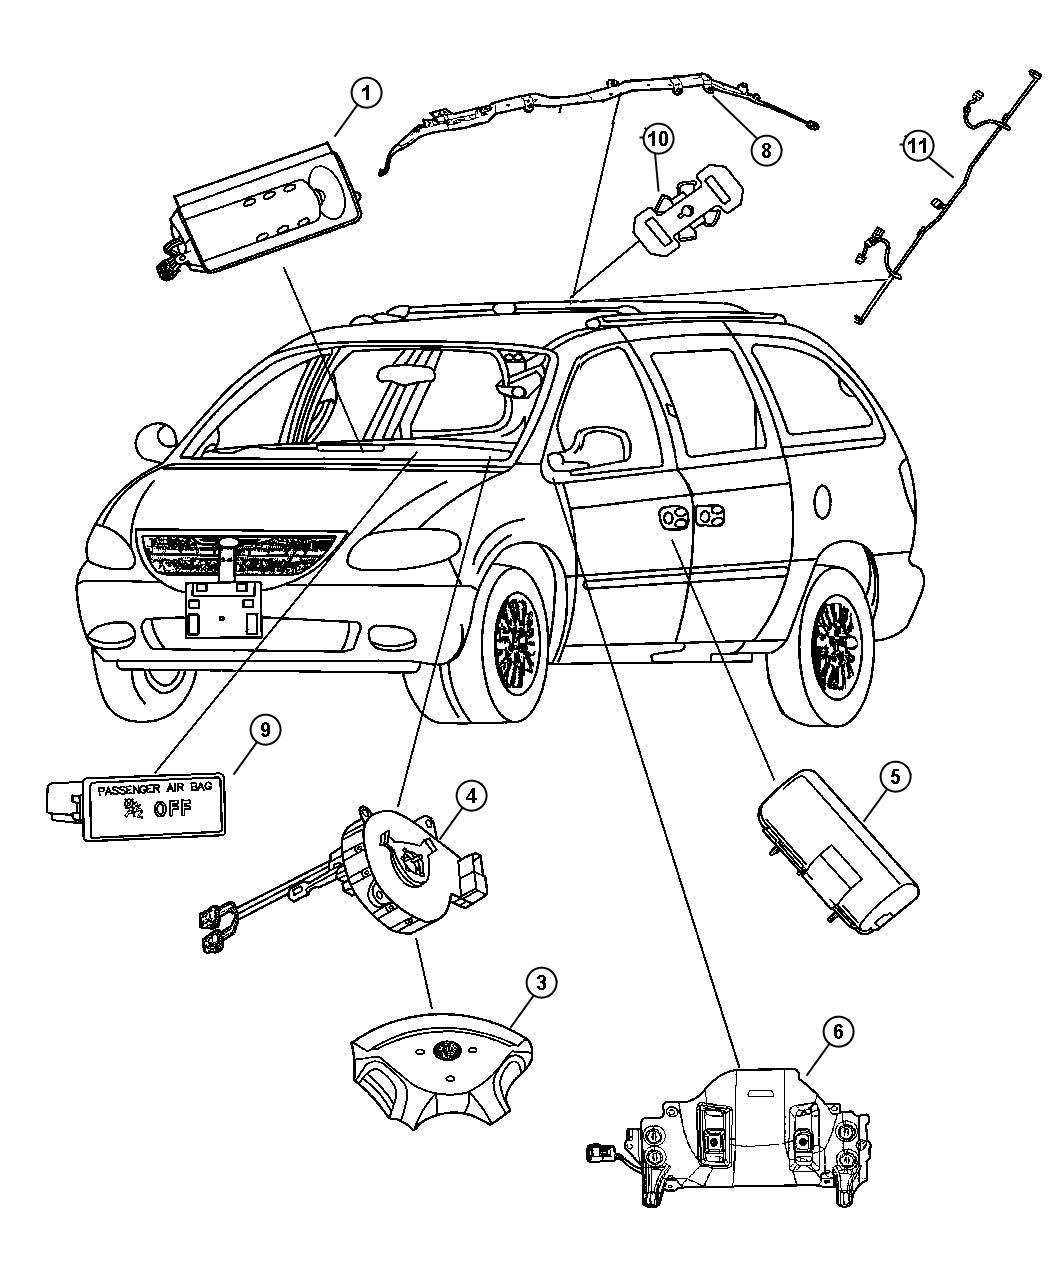 2007 Dodge Caravan Kneeblocker. Steering column opening